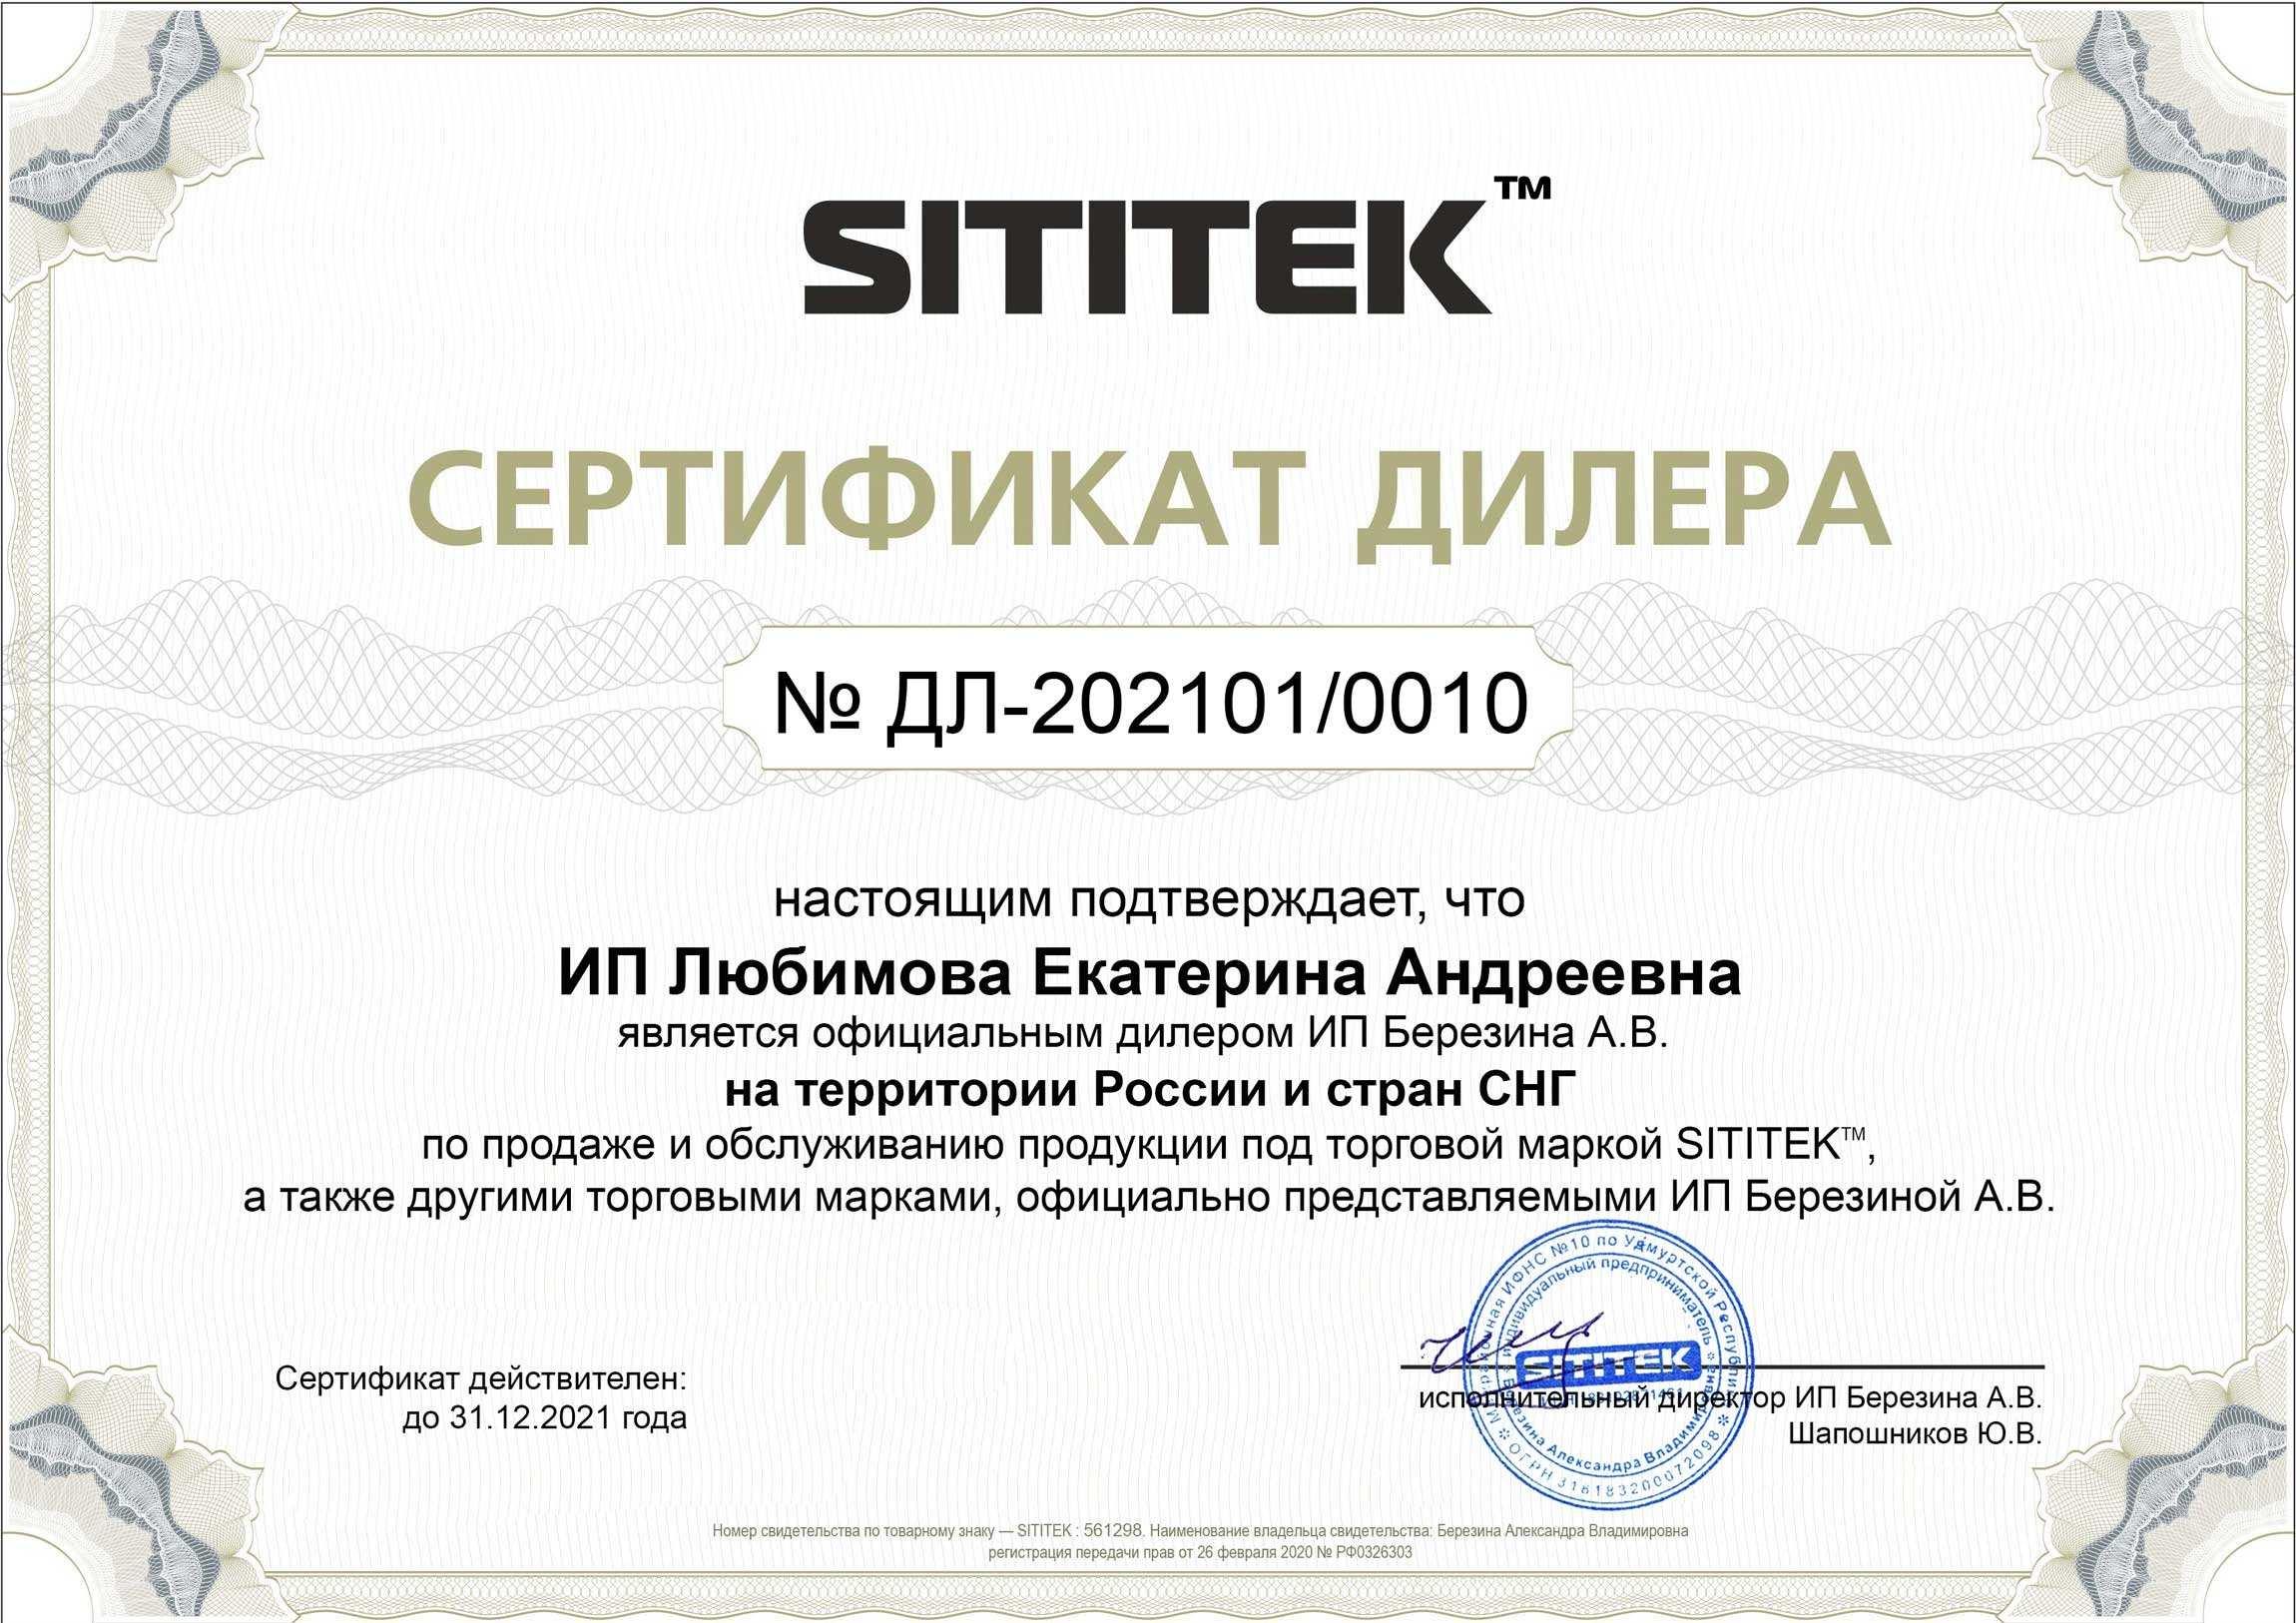 Сертификат дилера на право реализации и обслуживания продукции ТМ SITITEK